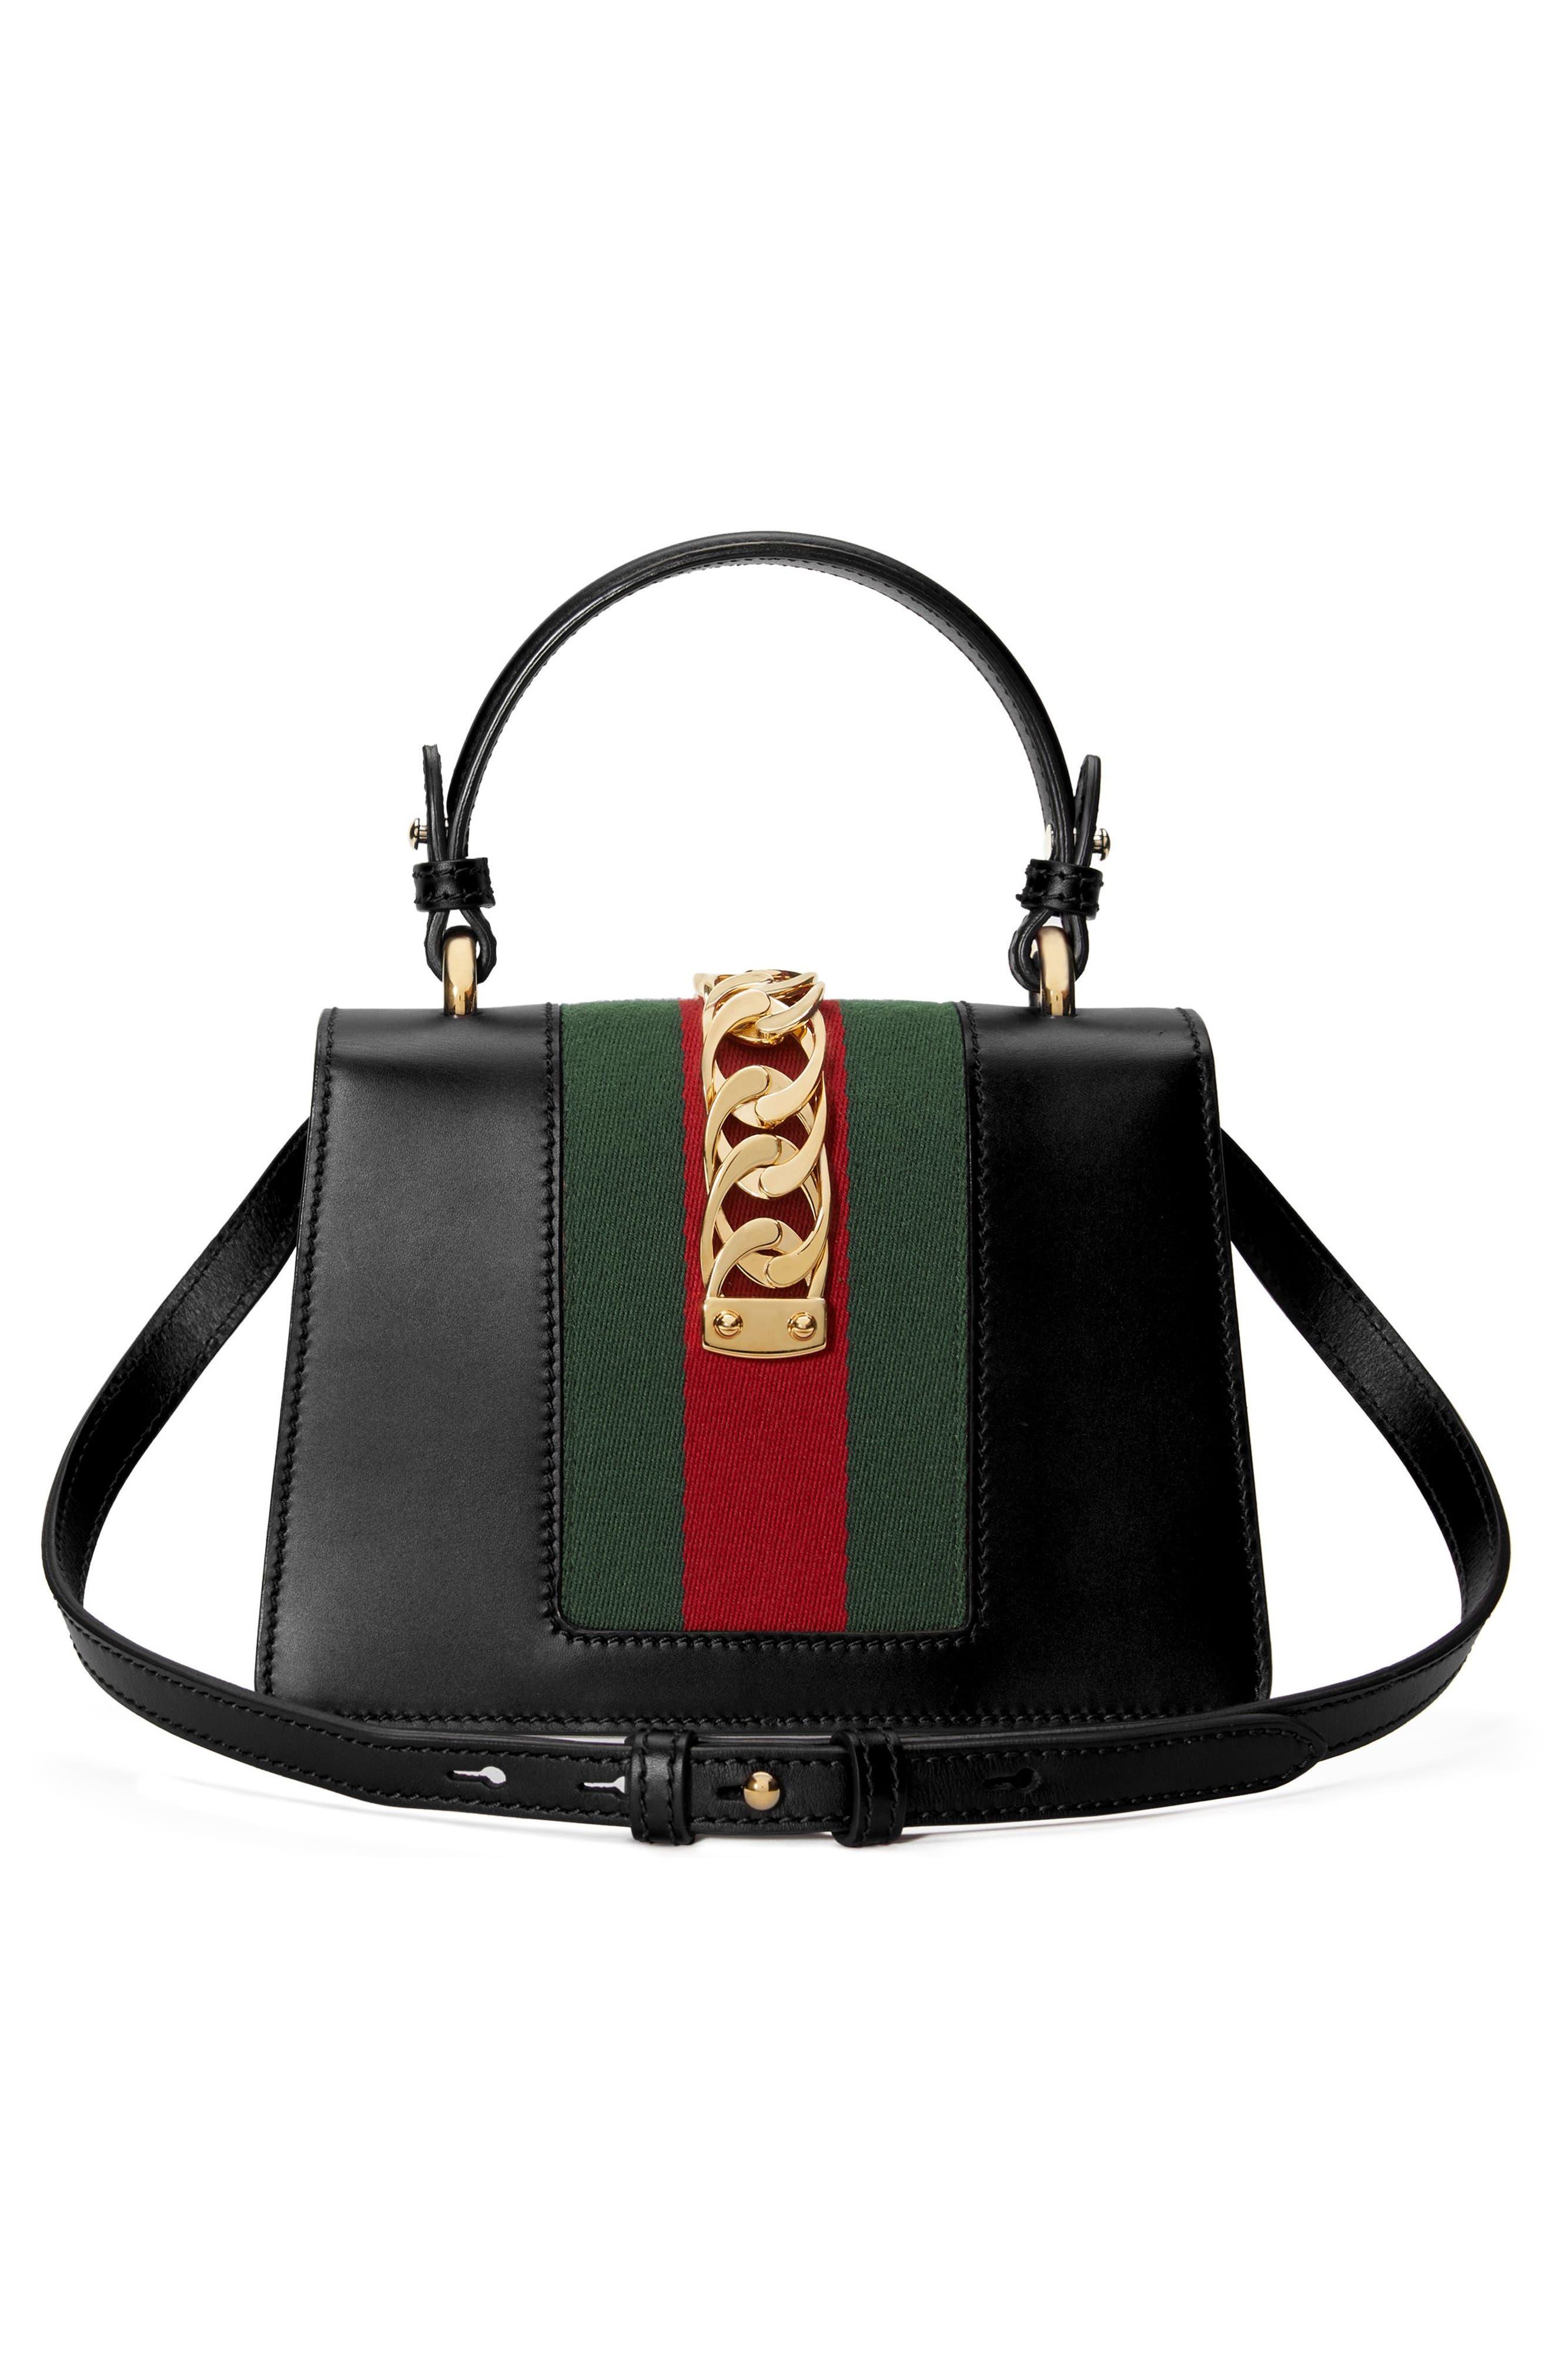 Mini Sylvie Top Handle Leather Shoulder Bag,                             Alternate thumbnail 3, color,                             8639 NERO/VRV